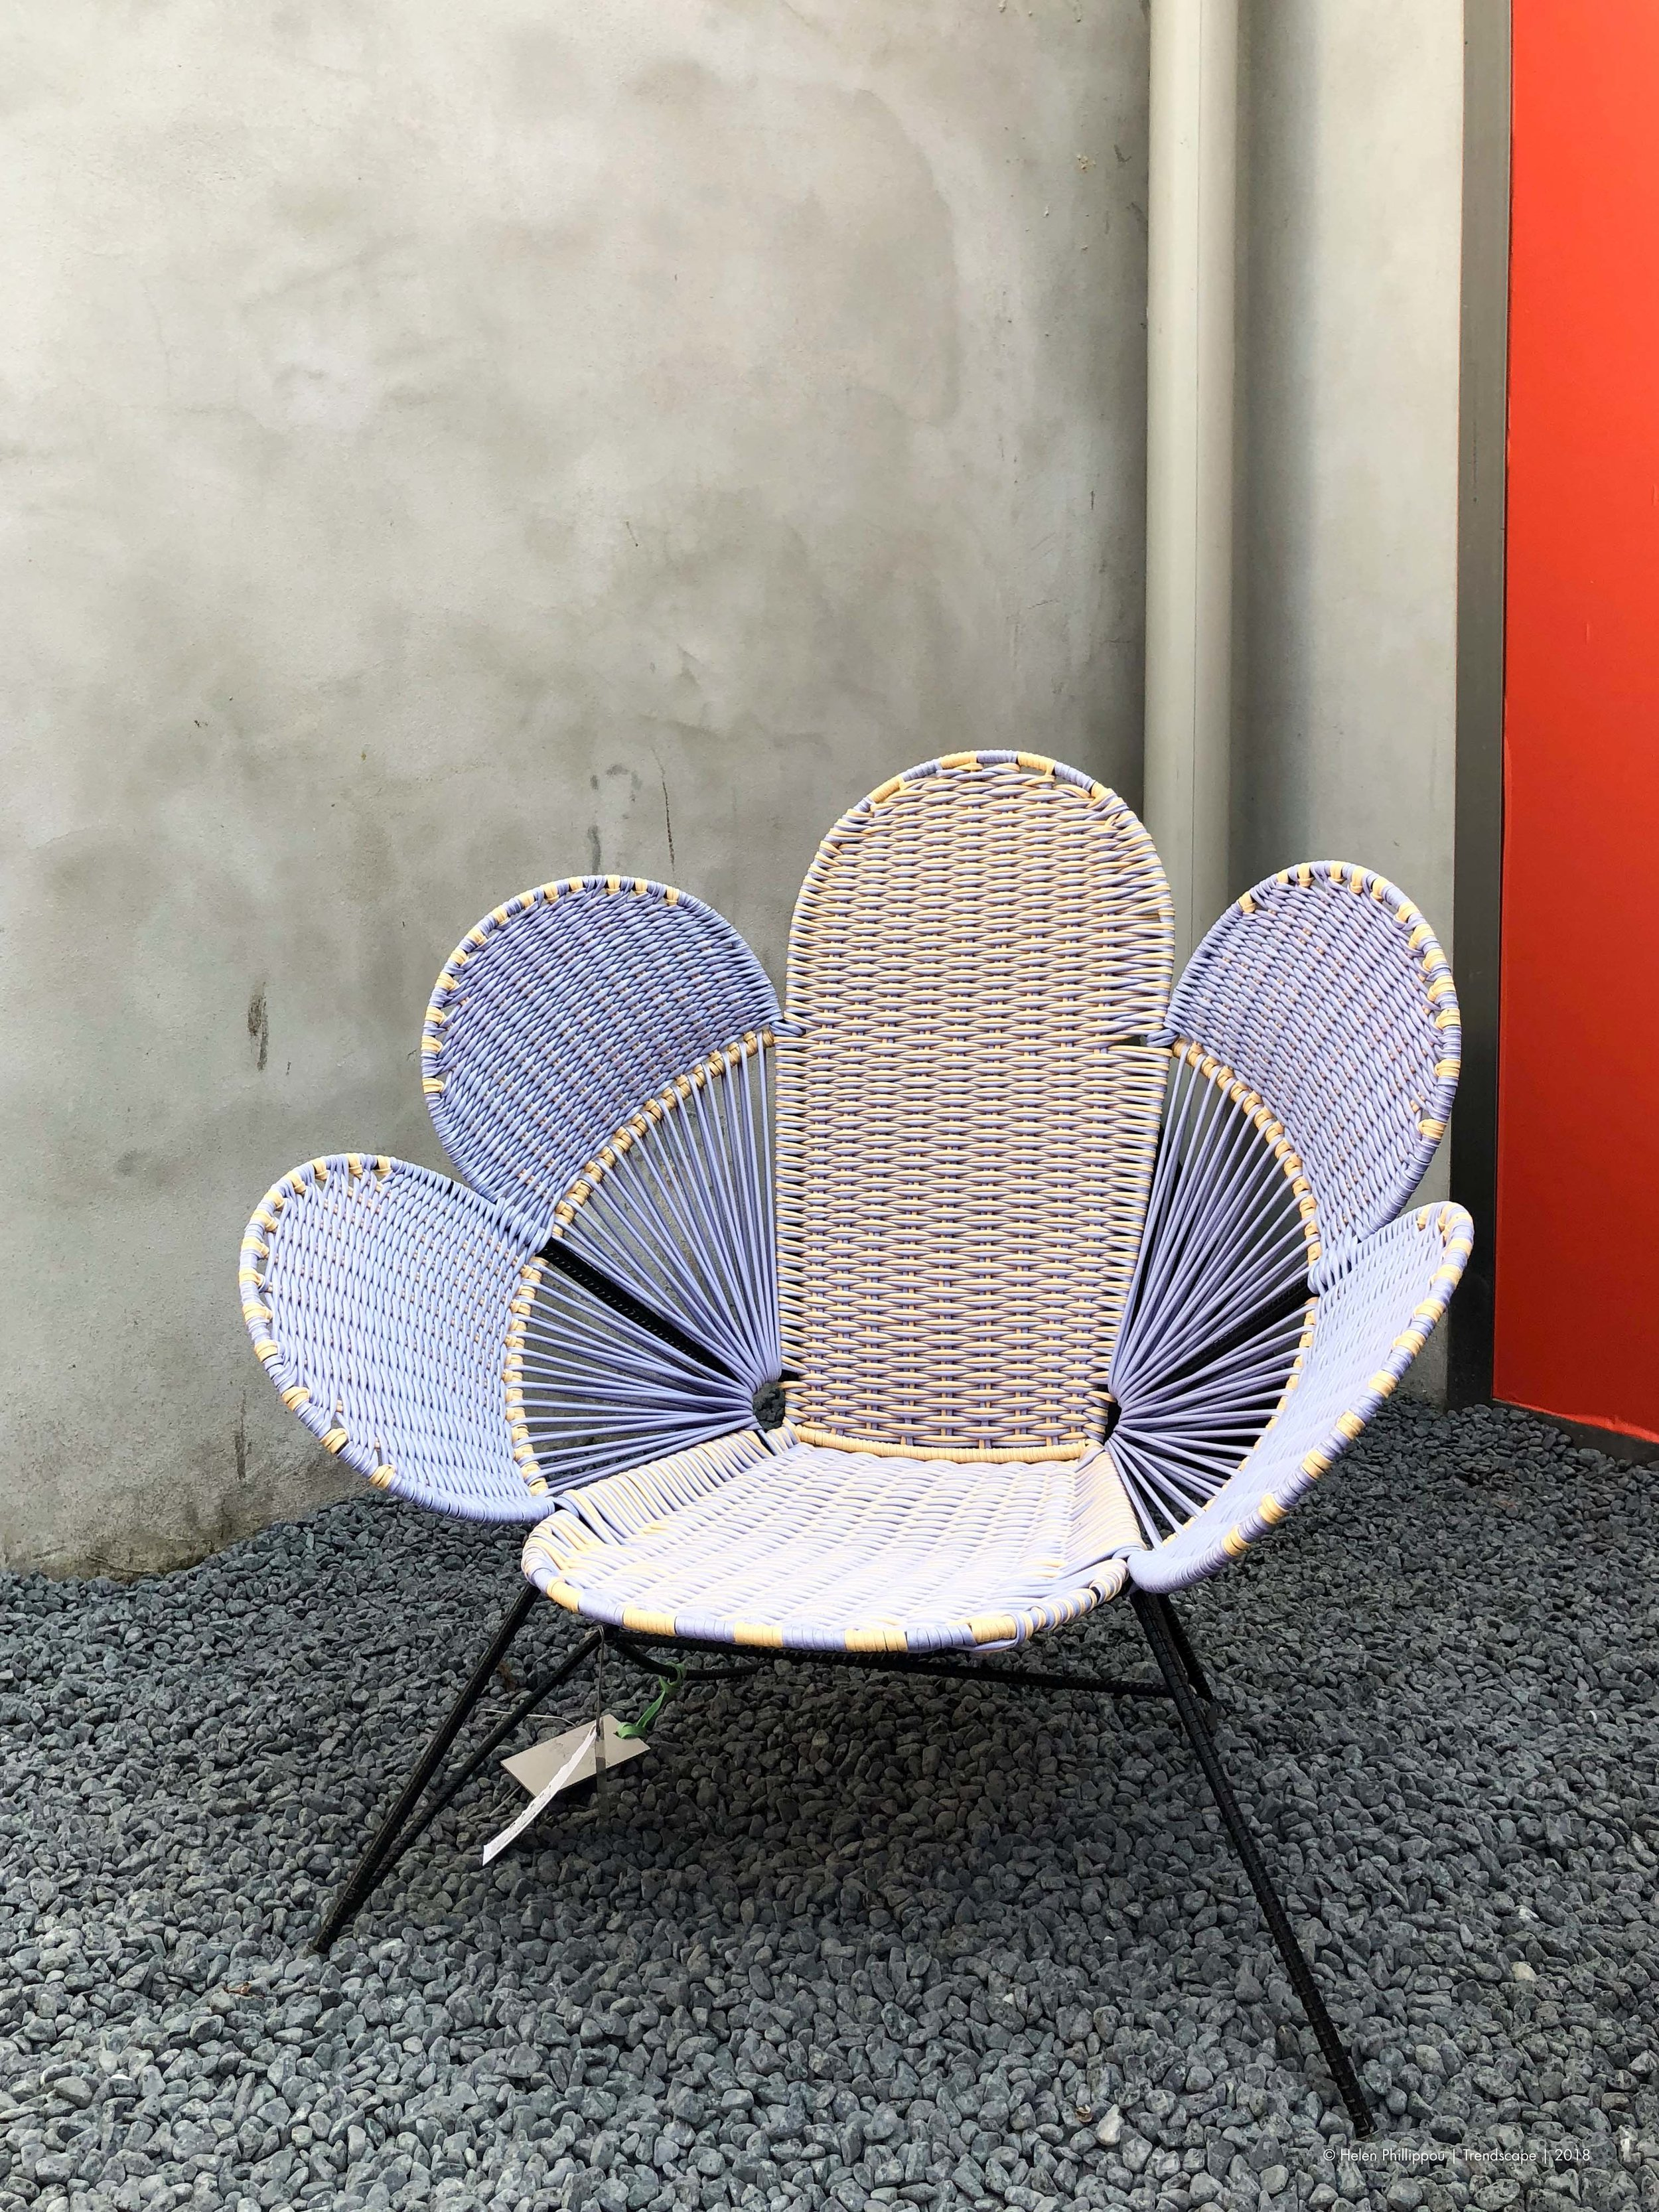 Marni Milan Design Week 2018 7.jpg